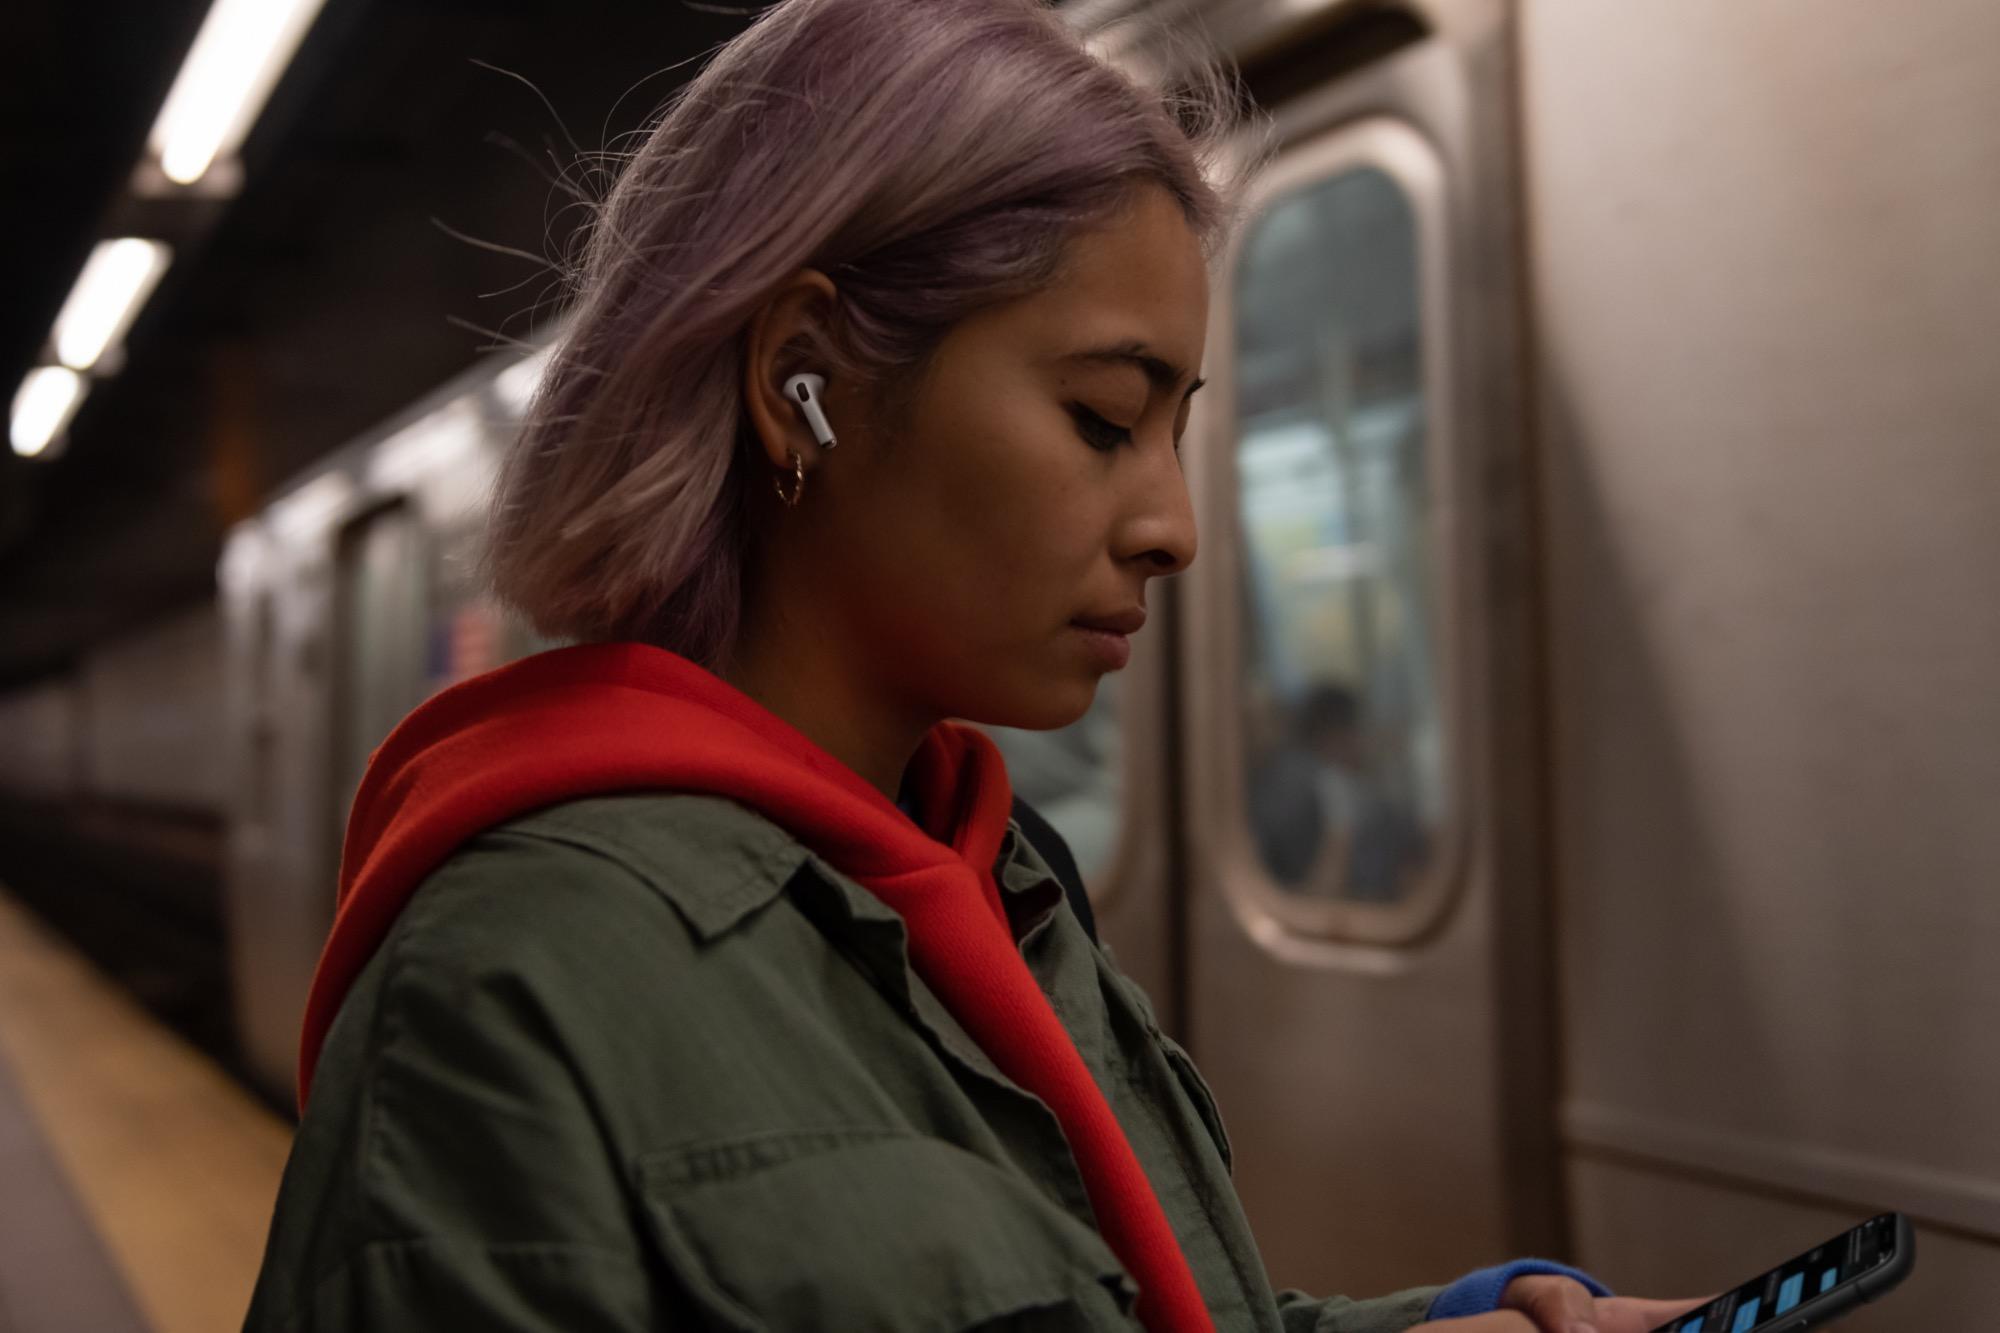 Apple AirPods Pro portés